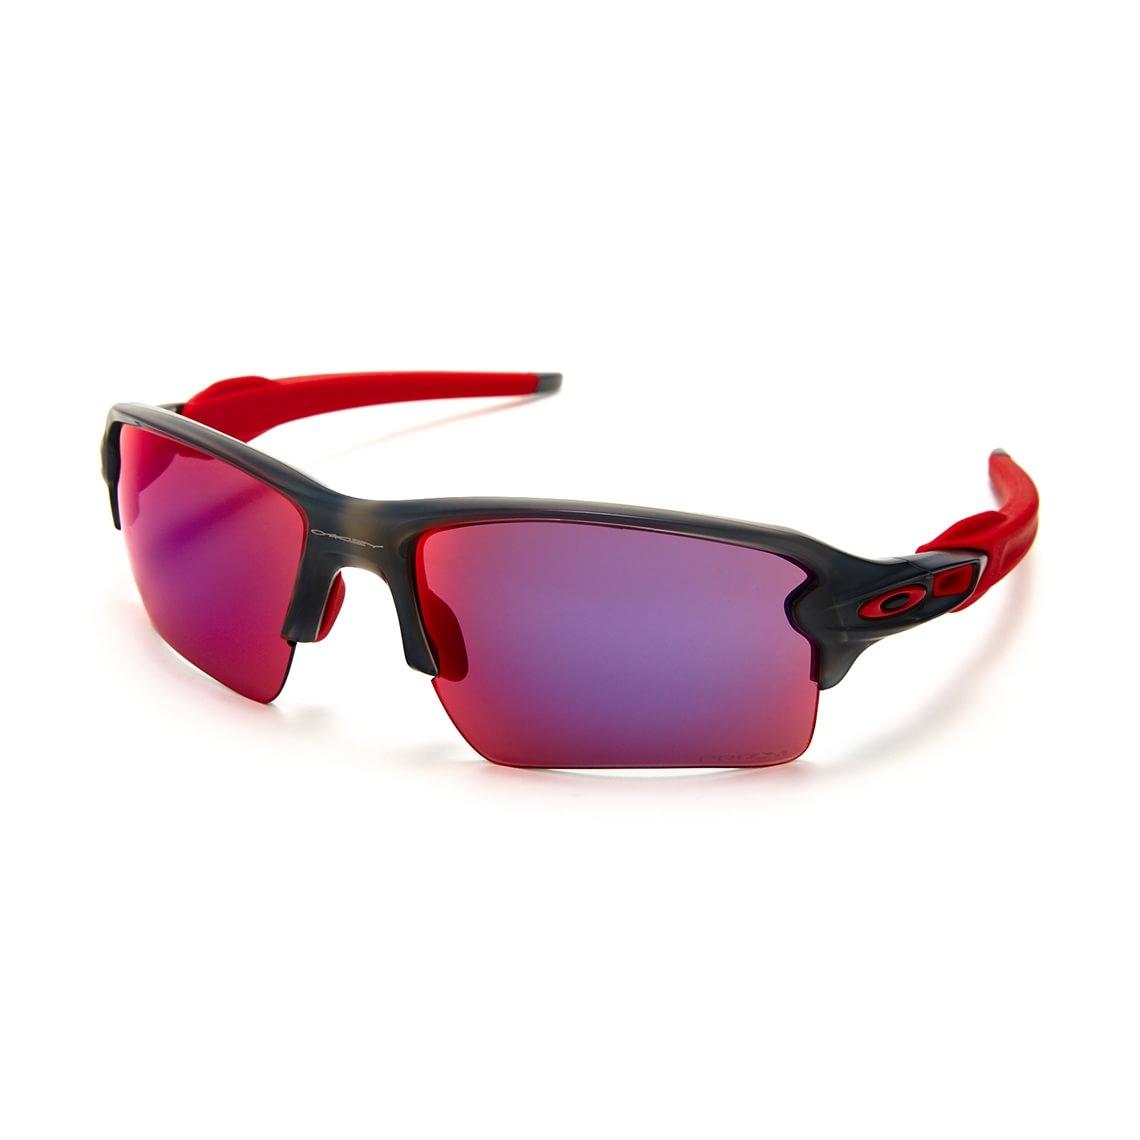 Oakley FLAK 2.0 XL Prizm Road OO9188-0459 - Synsam 34af0807e8158